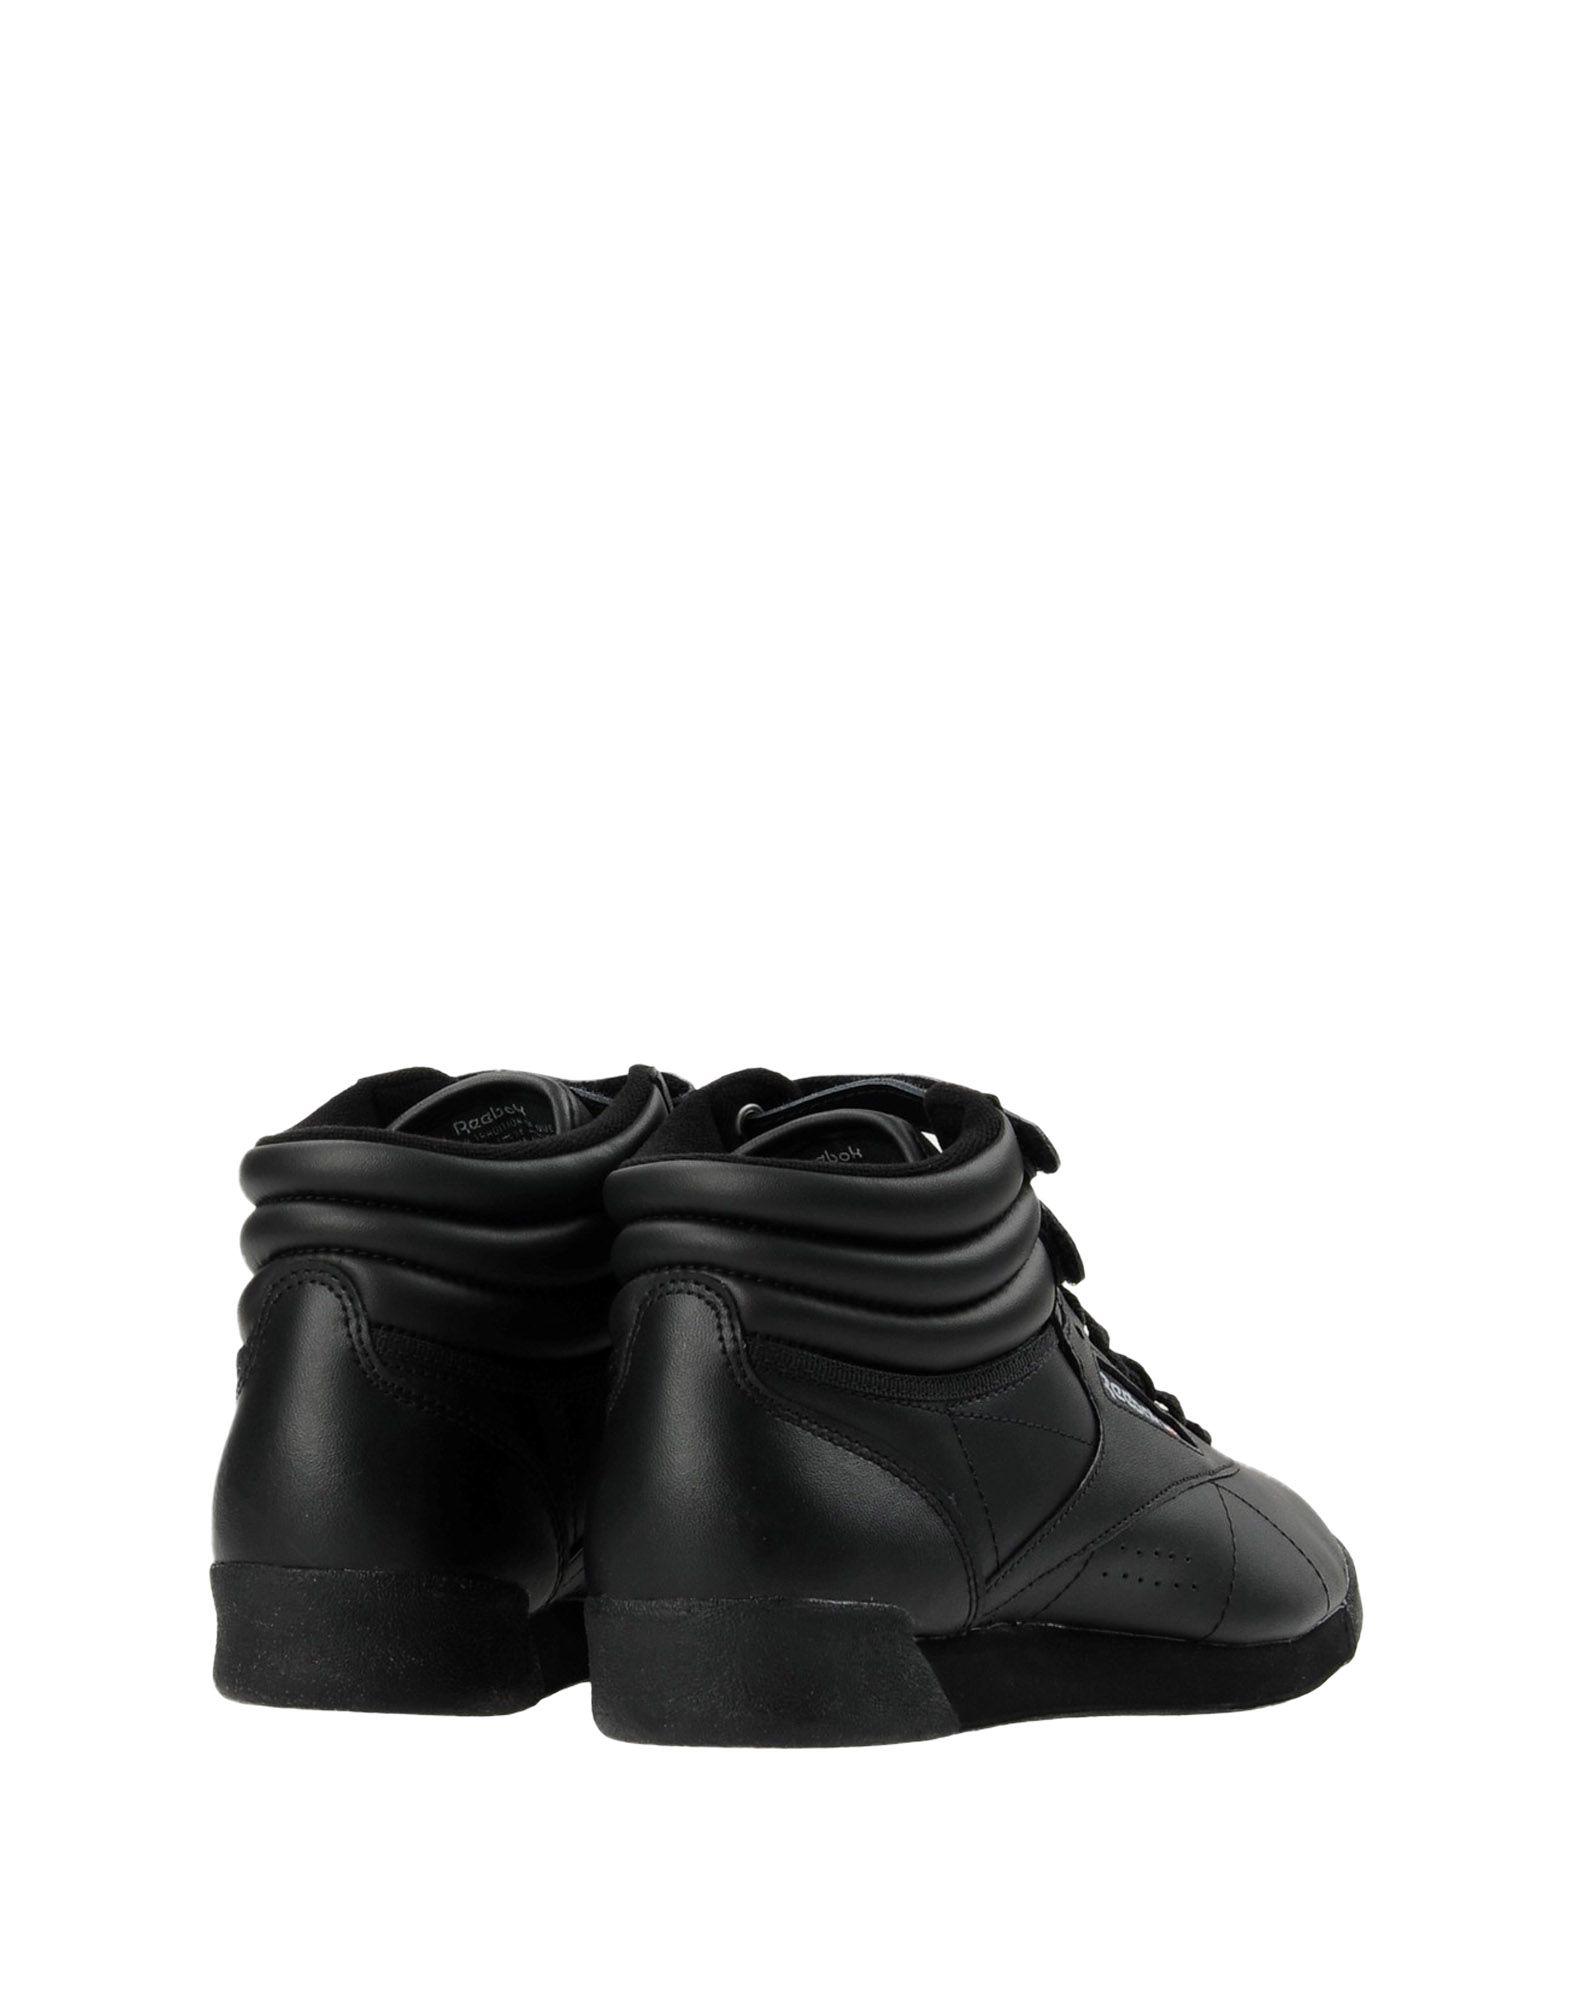 Reebok F/S Hi  11307540KC Schuhe Gute Qualität beliebte Schuhe 11307540KC aee799